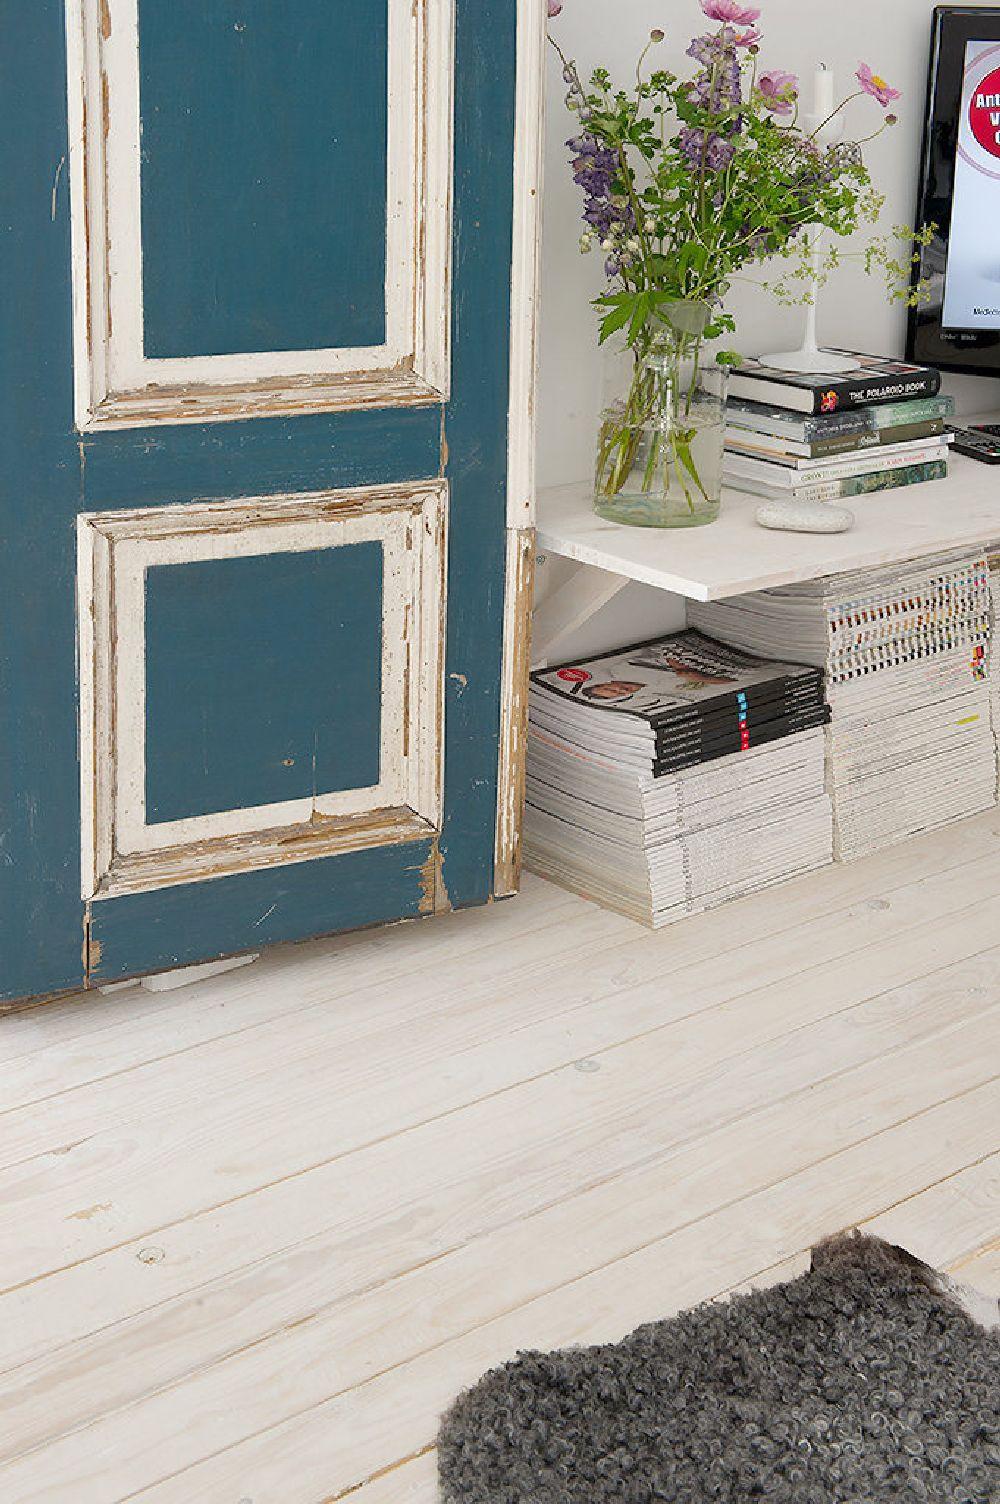 adelaparvu.com despre apartament 2 camere 51 mp Suedia, Foto Alvhem (4)